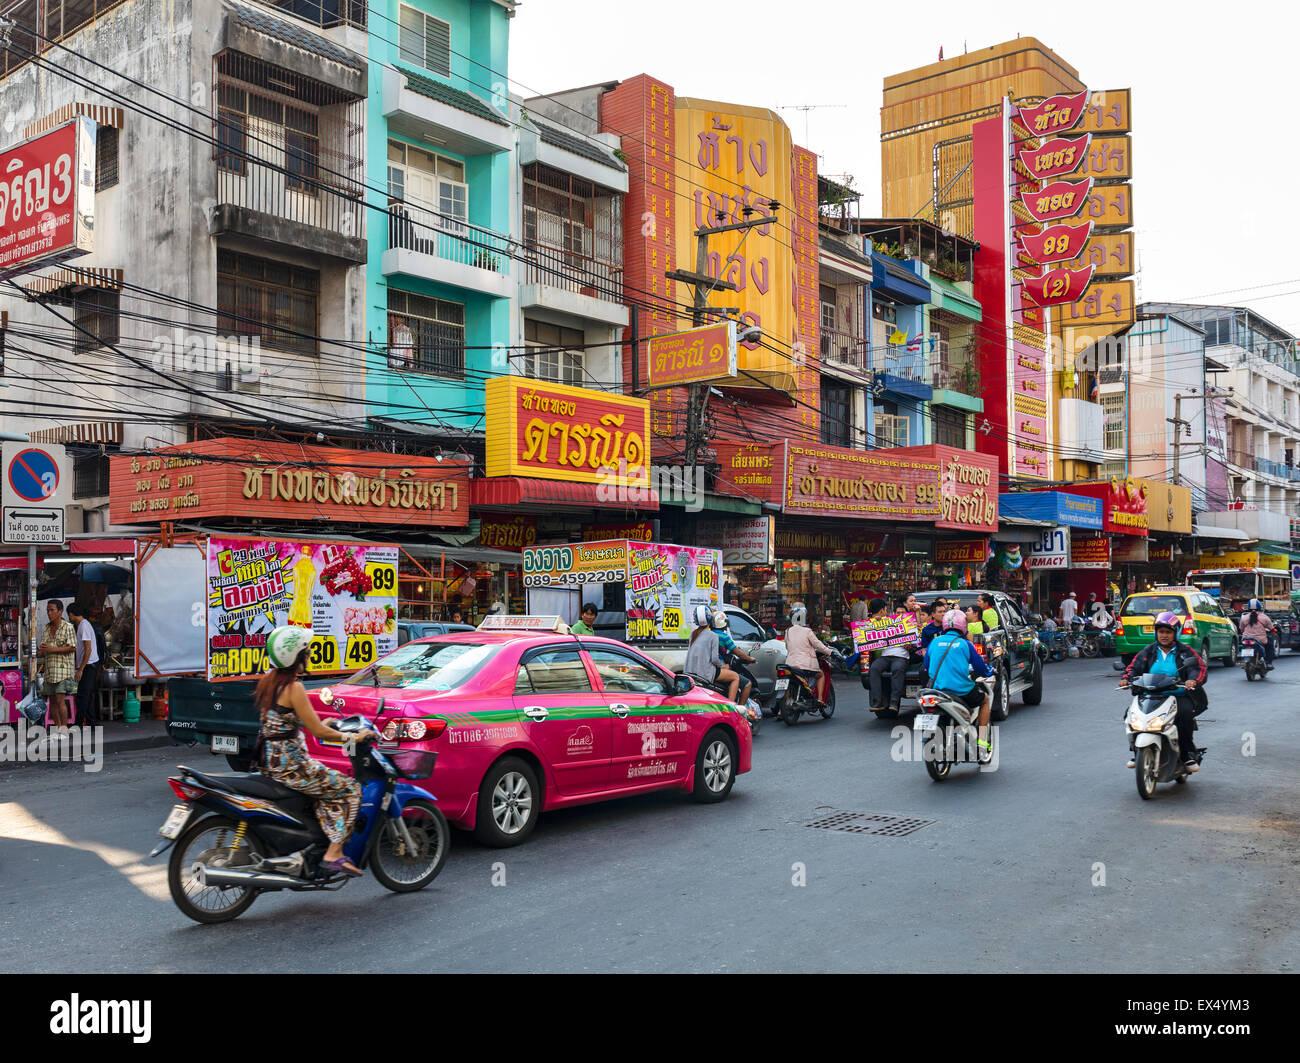 El tráfico en la ciudad de Pattaya, Chon Buri, Tailandia Foto de stock